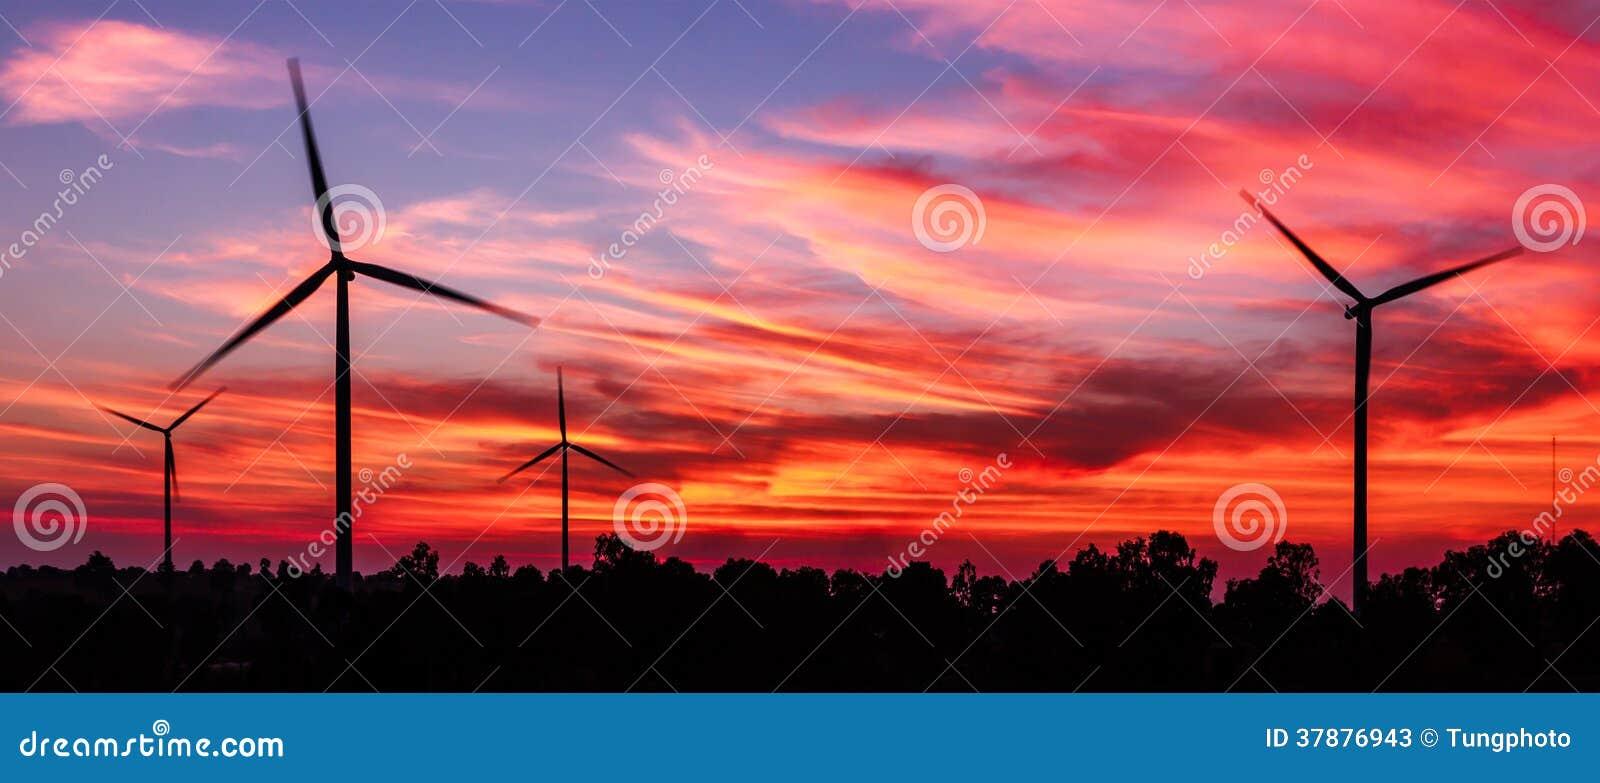 De turbine van de silhouetwind met schemer